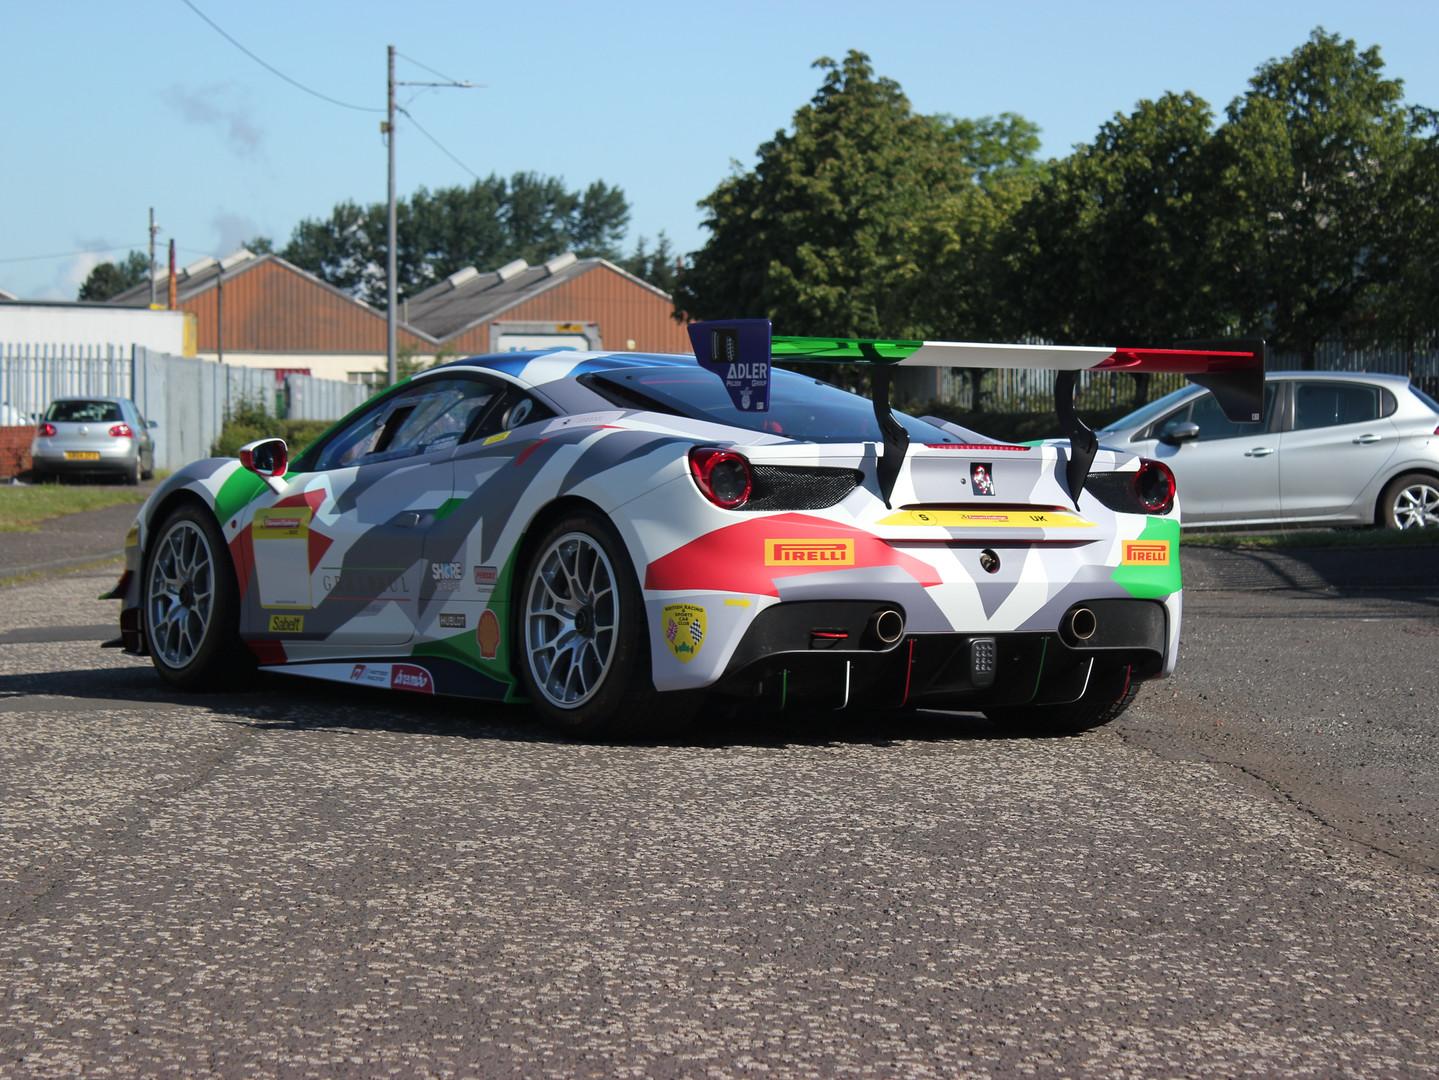 Ferrari challenge rear side wrap.jpg